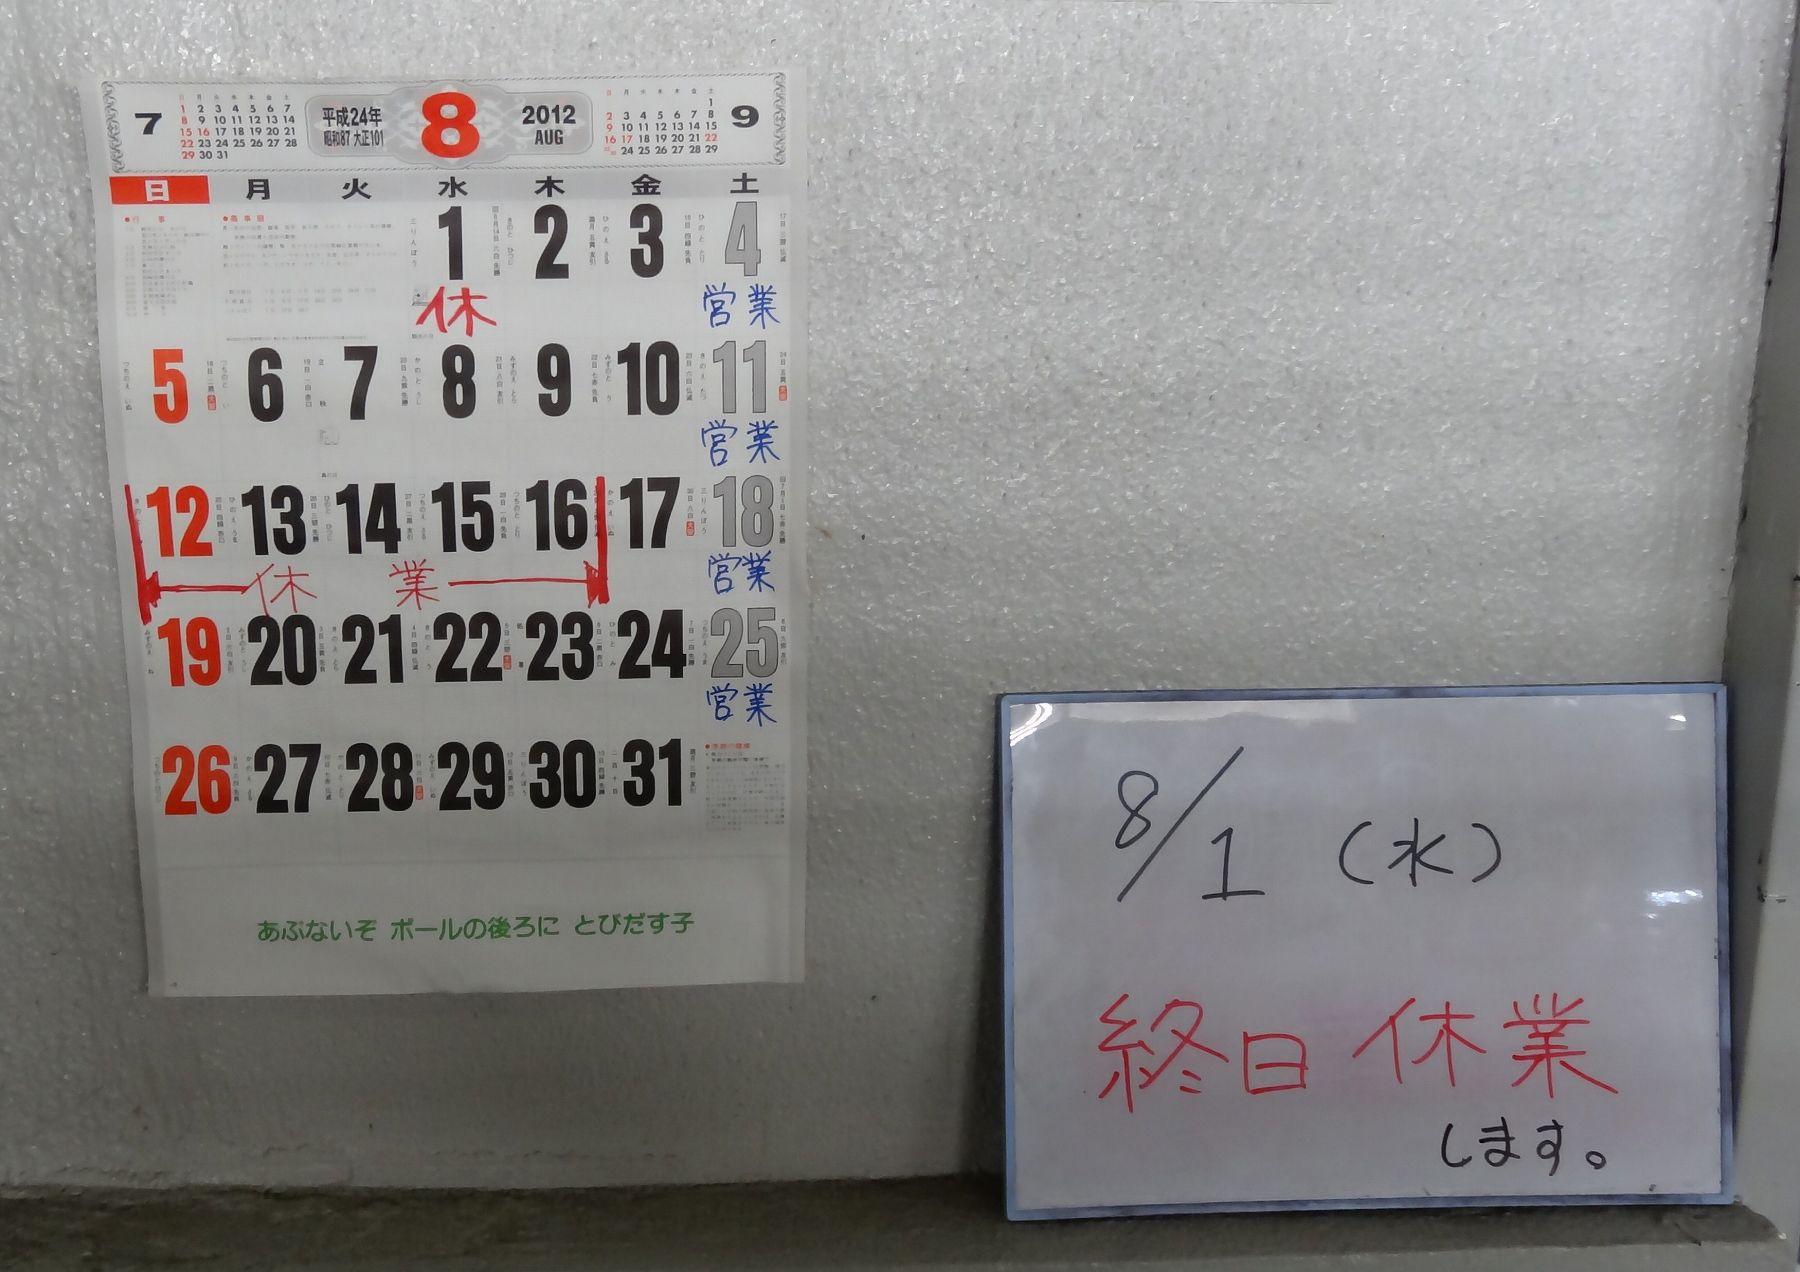 20120730008nishidai.jpg